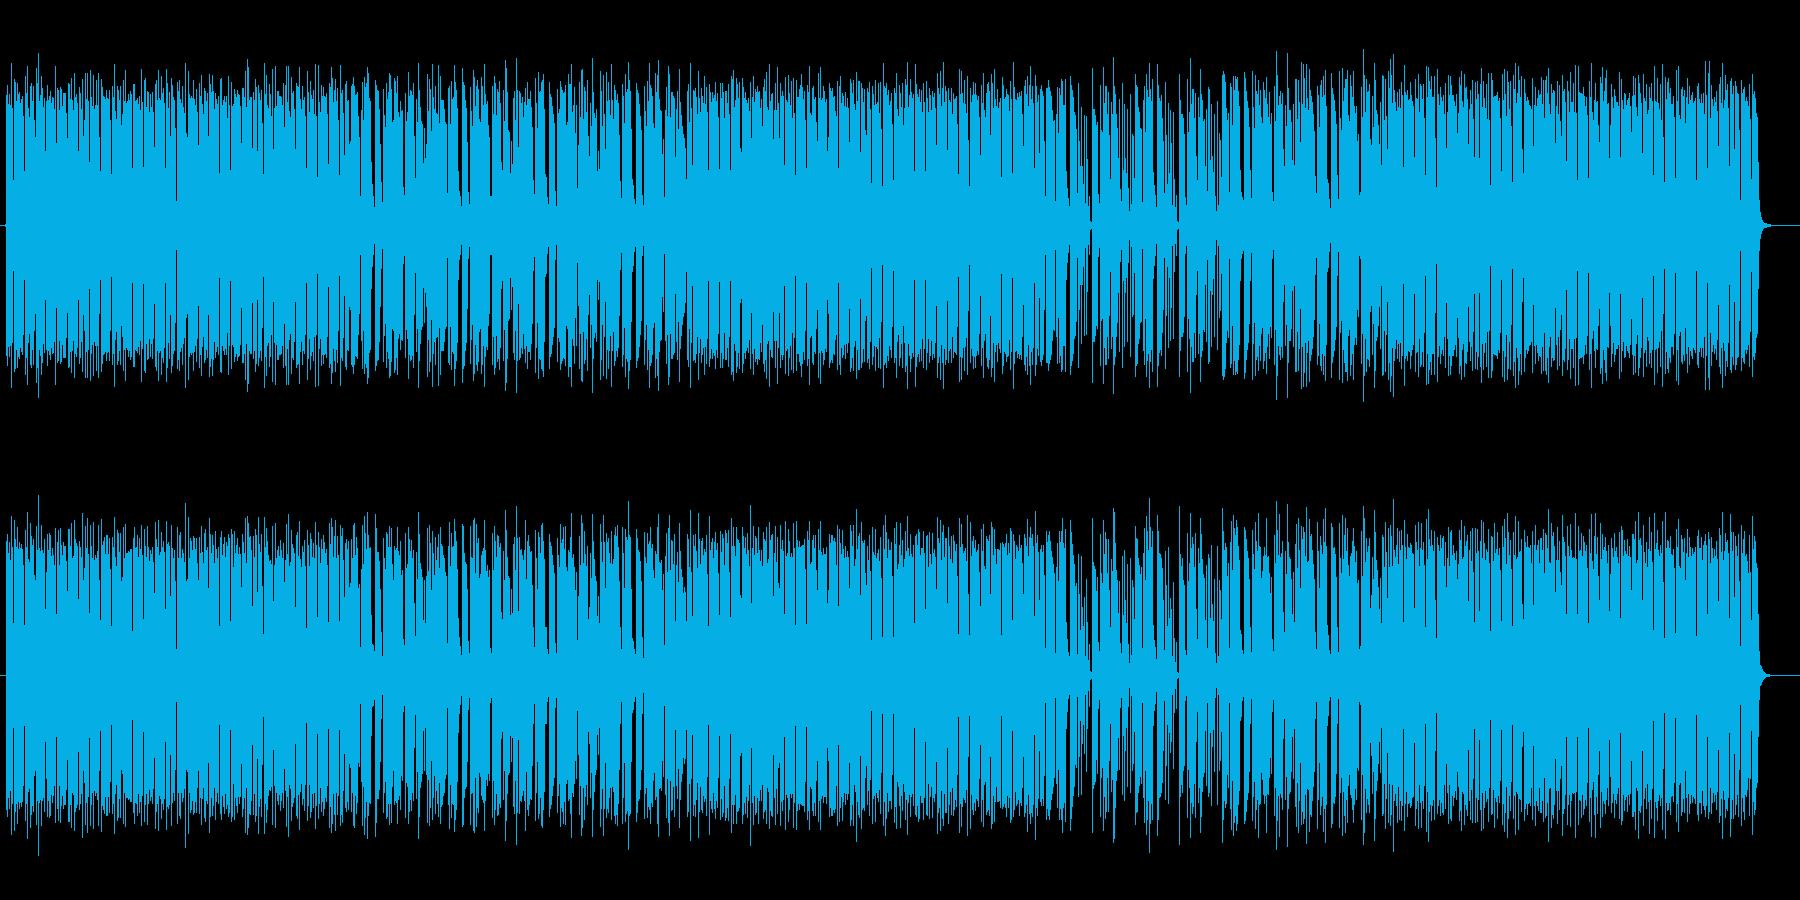 スペイシーでポップなシンセミュージックの再生済みの波形